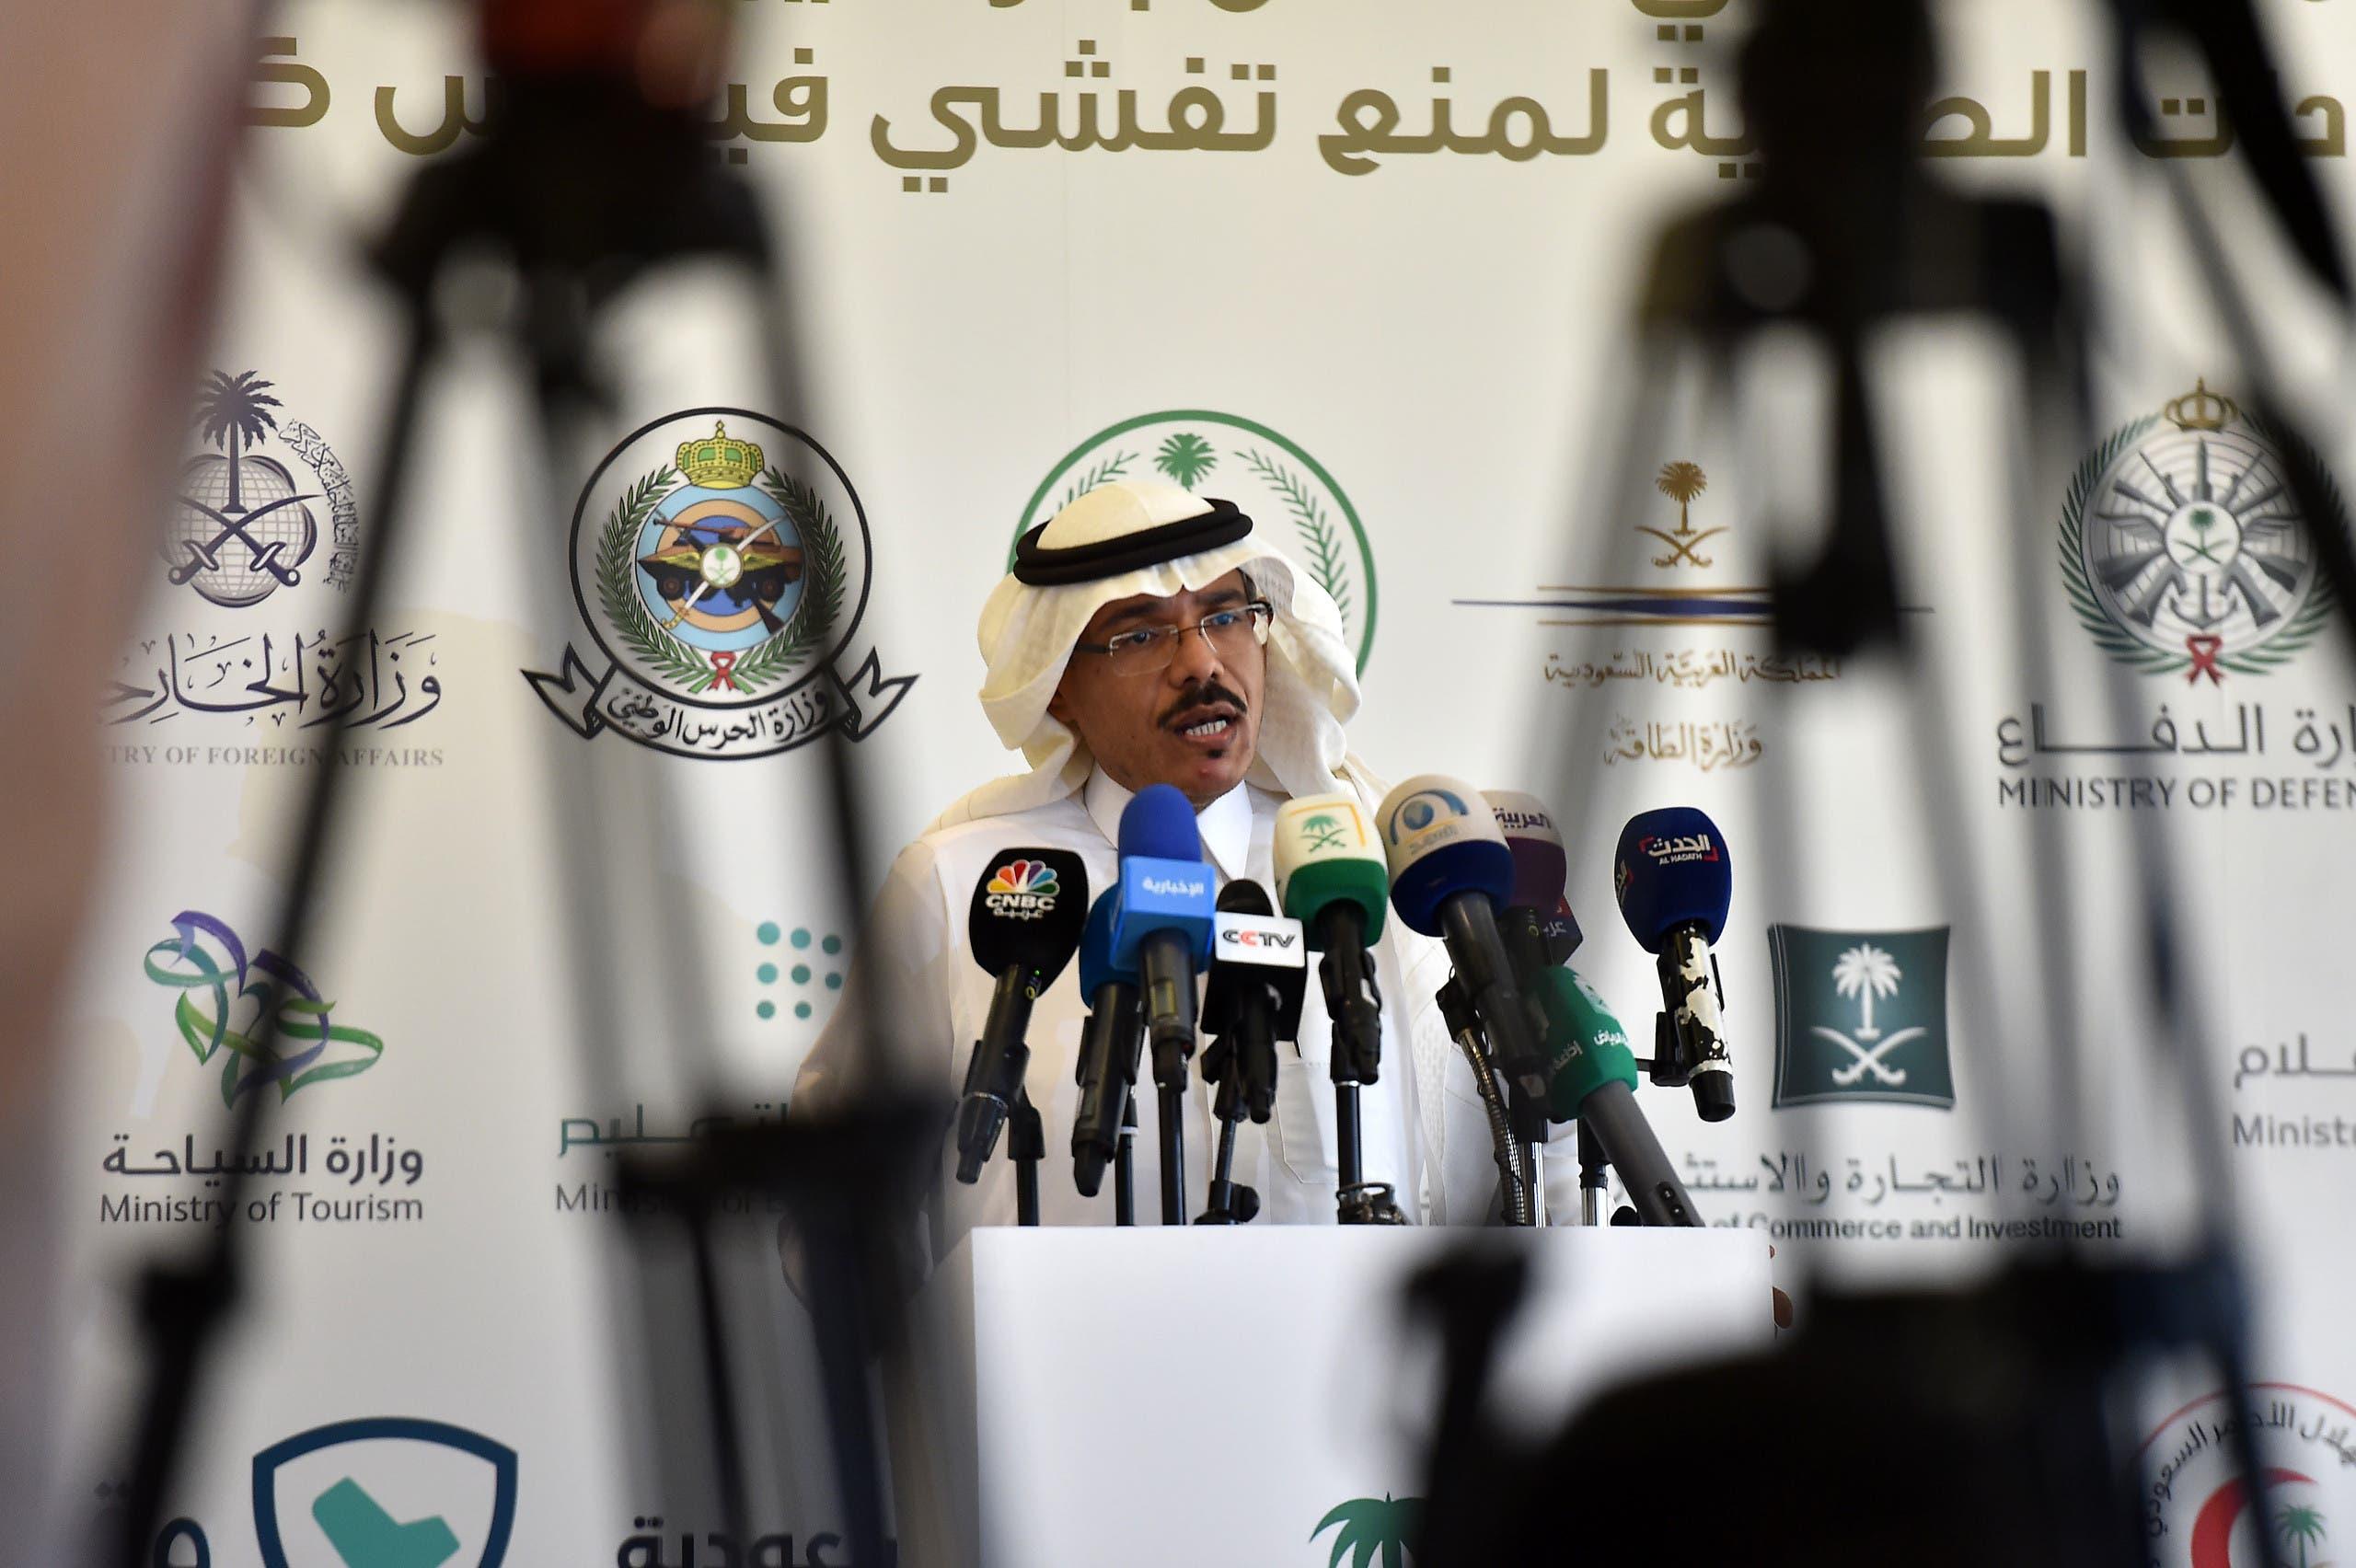 الصحة السعودية تحذر الفئات السبع الأكثر خطراً بسبب بكورونا